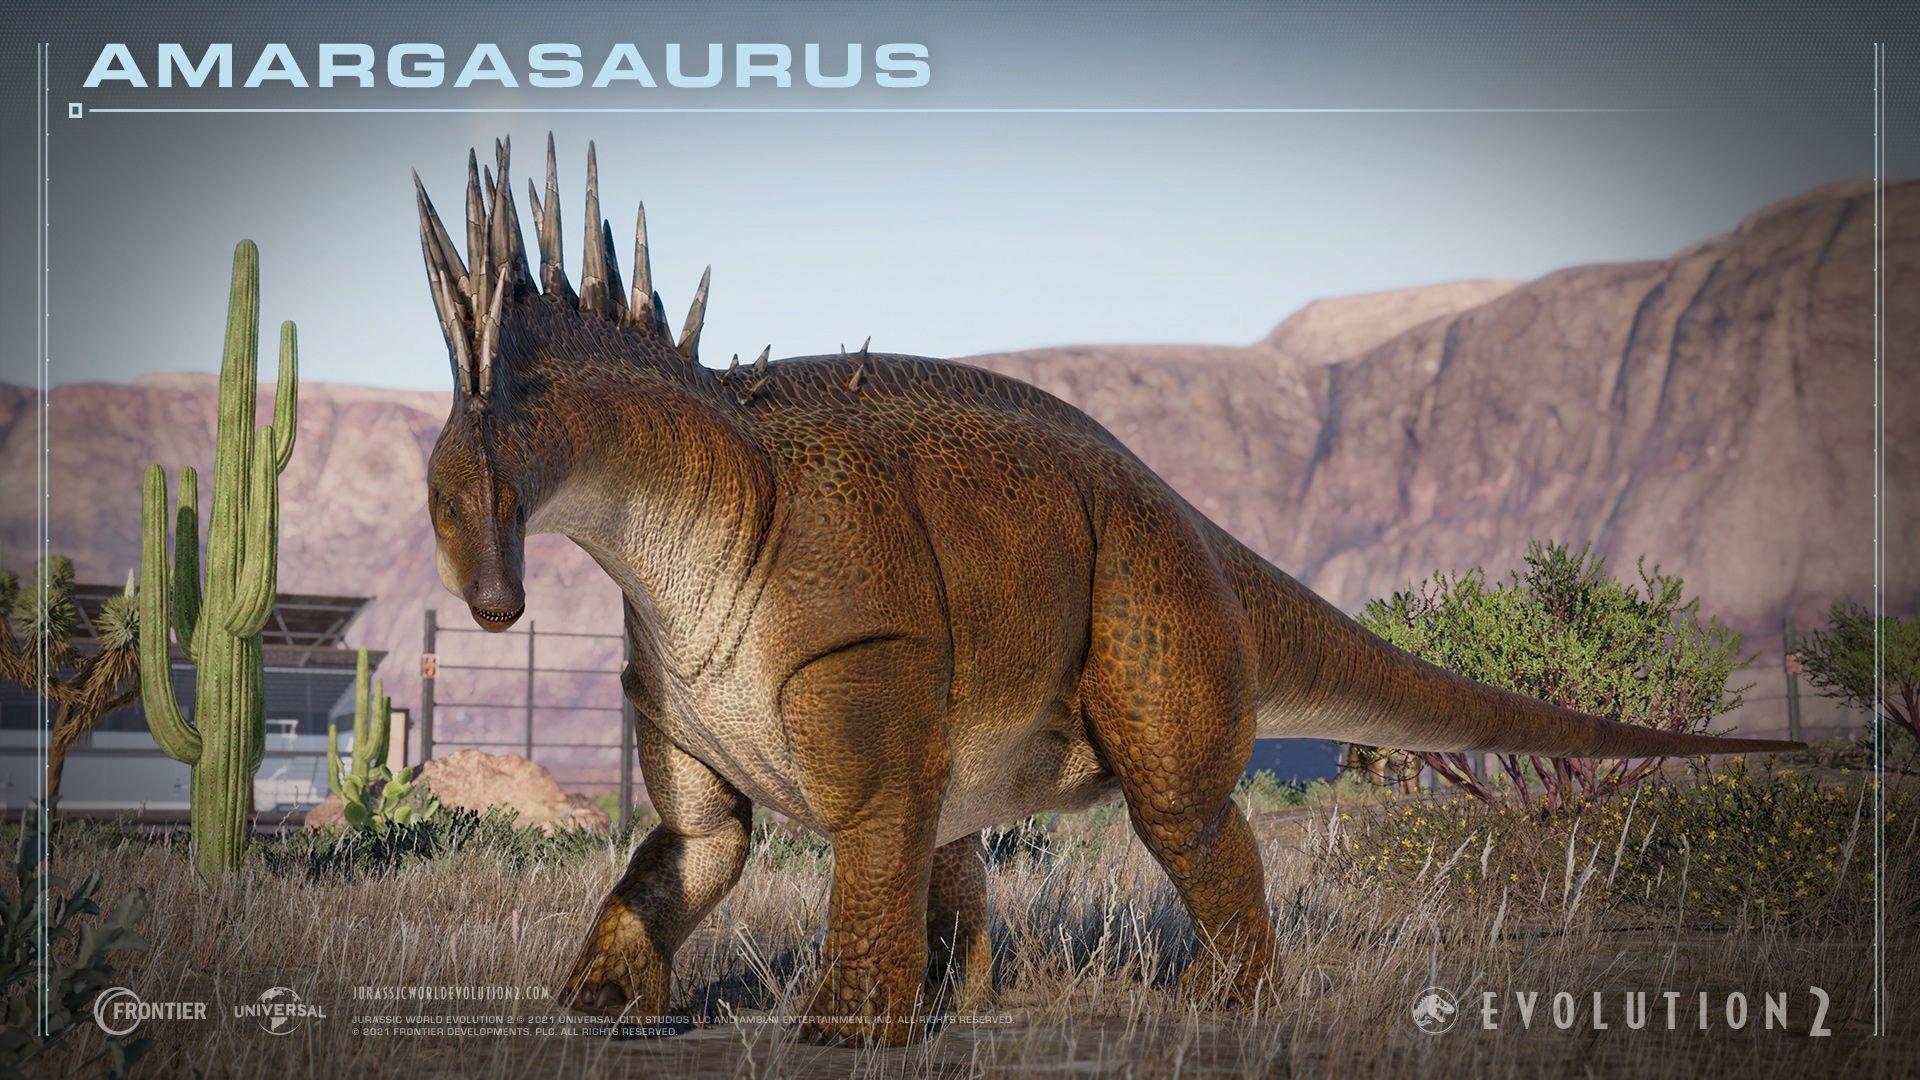 Jurassic-World-Evolution-2-Amargasaurus